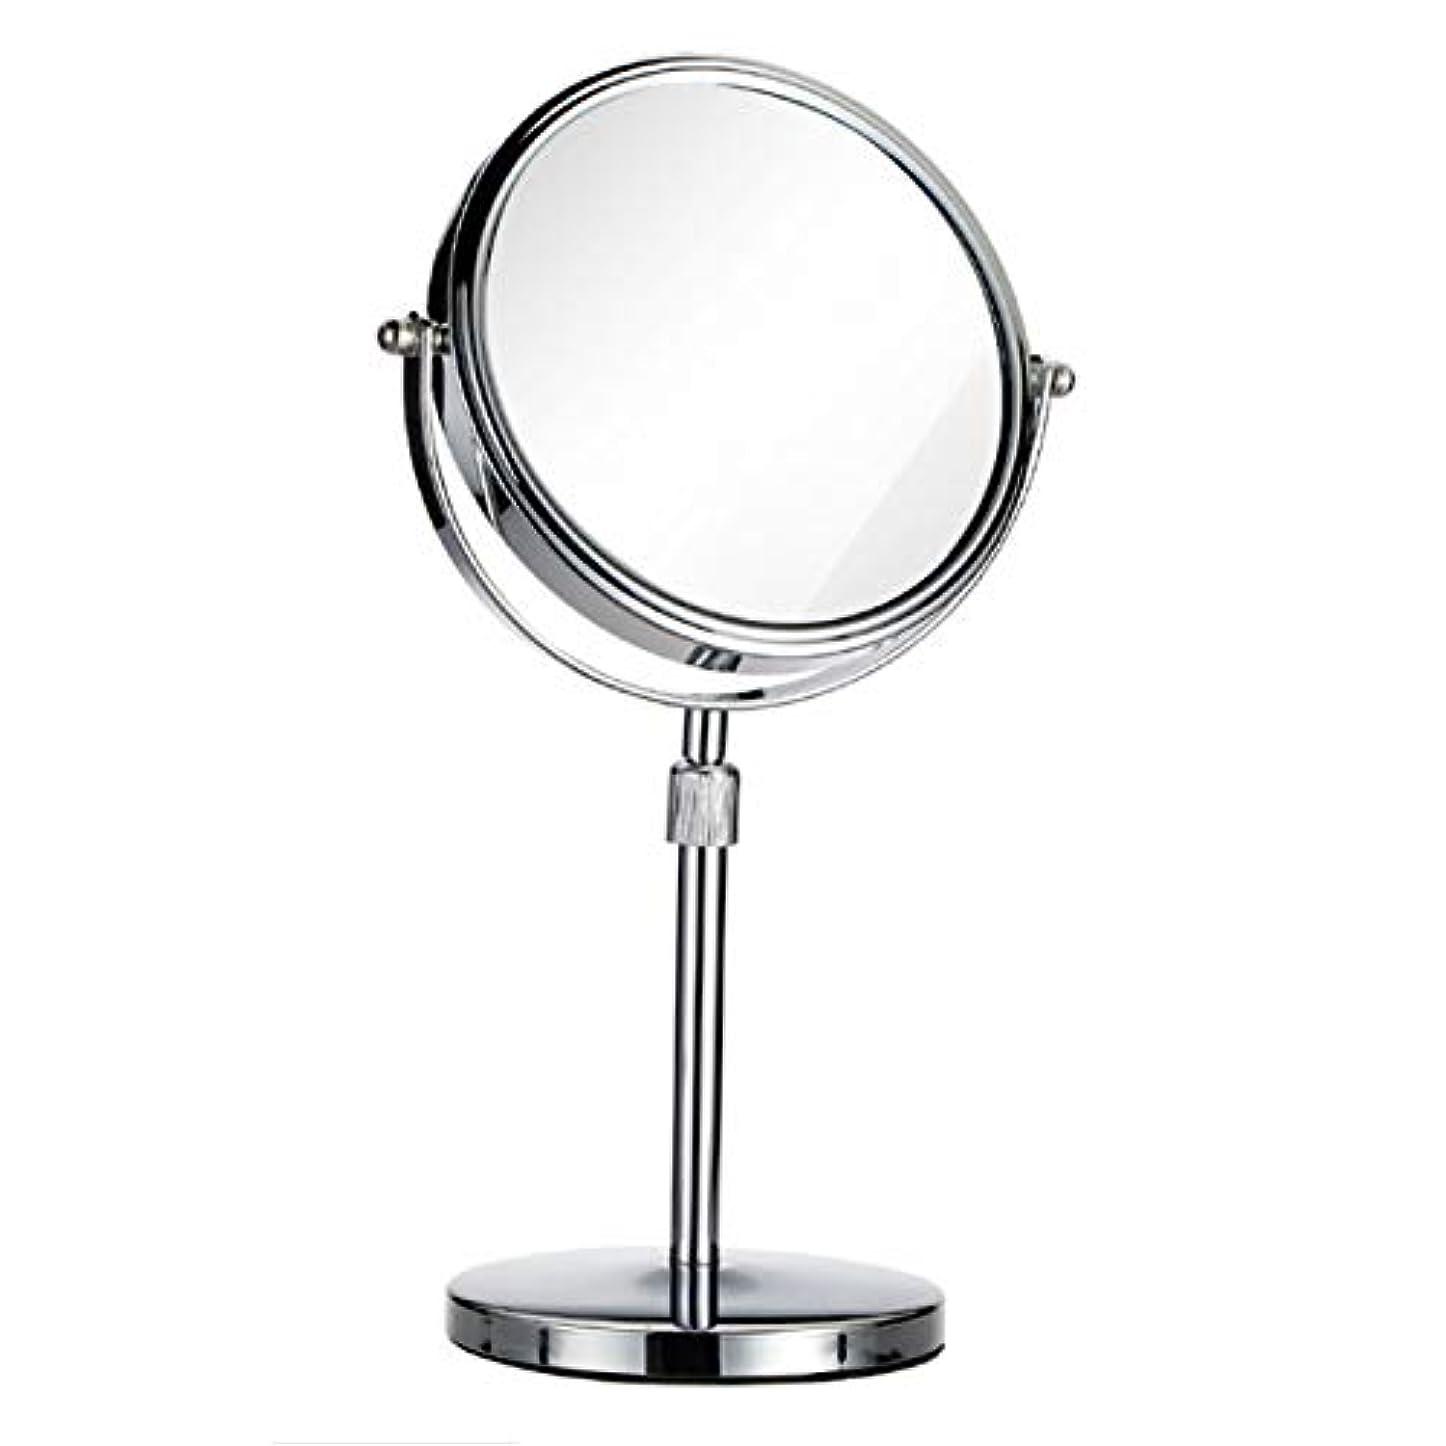 どういたしましてもちろん観光に行くヨーロピアンスタイルシンプルなスタイル HD両面ミラー 3倍拡大鏡 360度回転 高さ調節可能 とても太い*+フレーム 滑り止め 大型ミラー 卓上鏡 スタンドミラー メイク 化粧道具 女優ミラー グルーミングミラー シルバーミラー